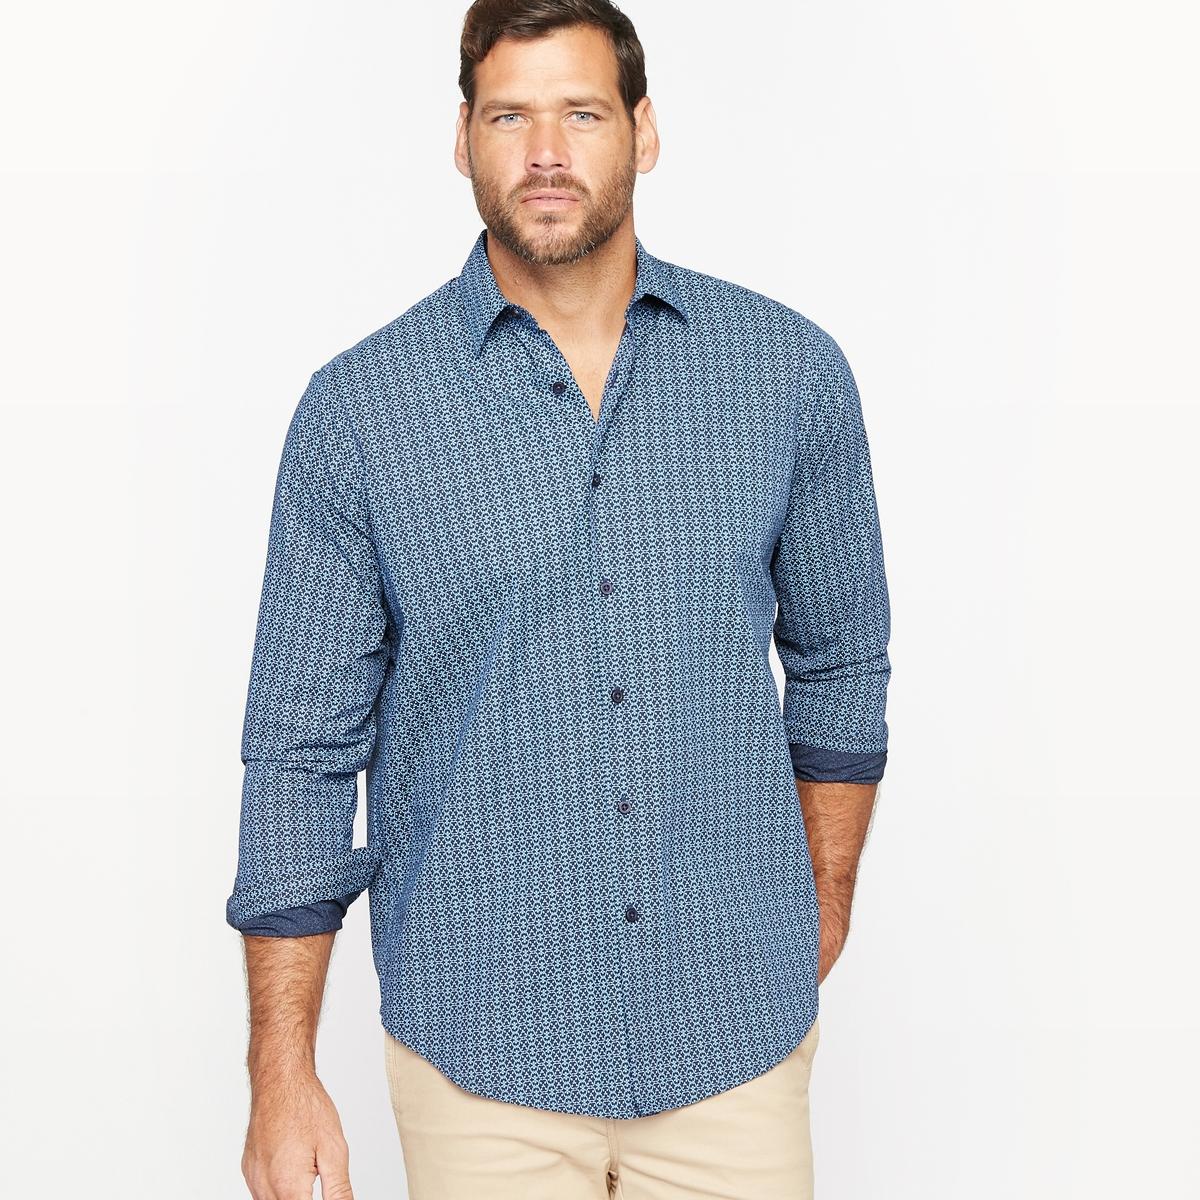 Рубашка с рисункомМатериал : Поплин из 100% хлопка.Длина передней части от 83 до 90 см в зависимости от размера.Марка : CASTALUNA FOR MEN.Уход : Машинная стирка при 30 °C.<br><br>Цвет: рисунок темно-синий<br>Размер: 51/52